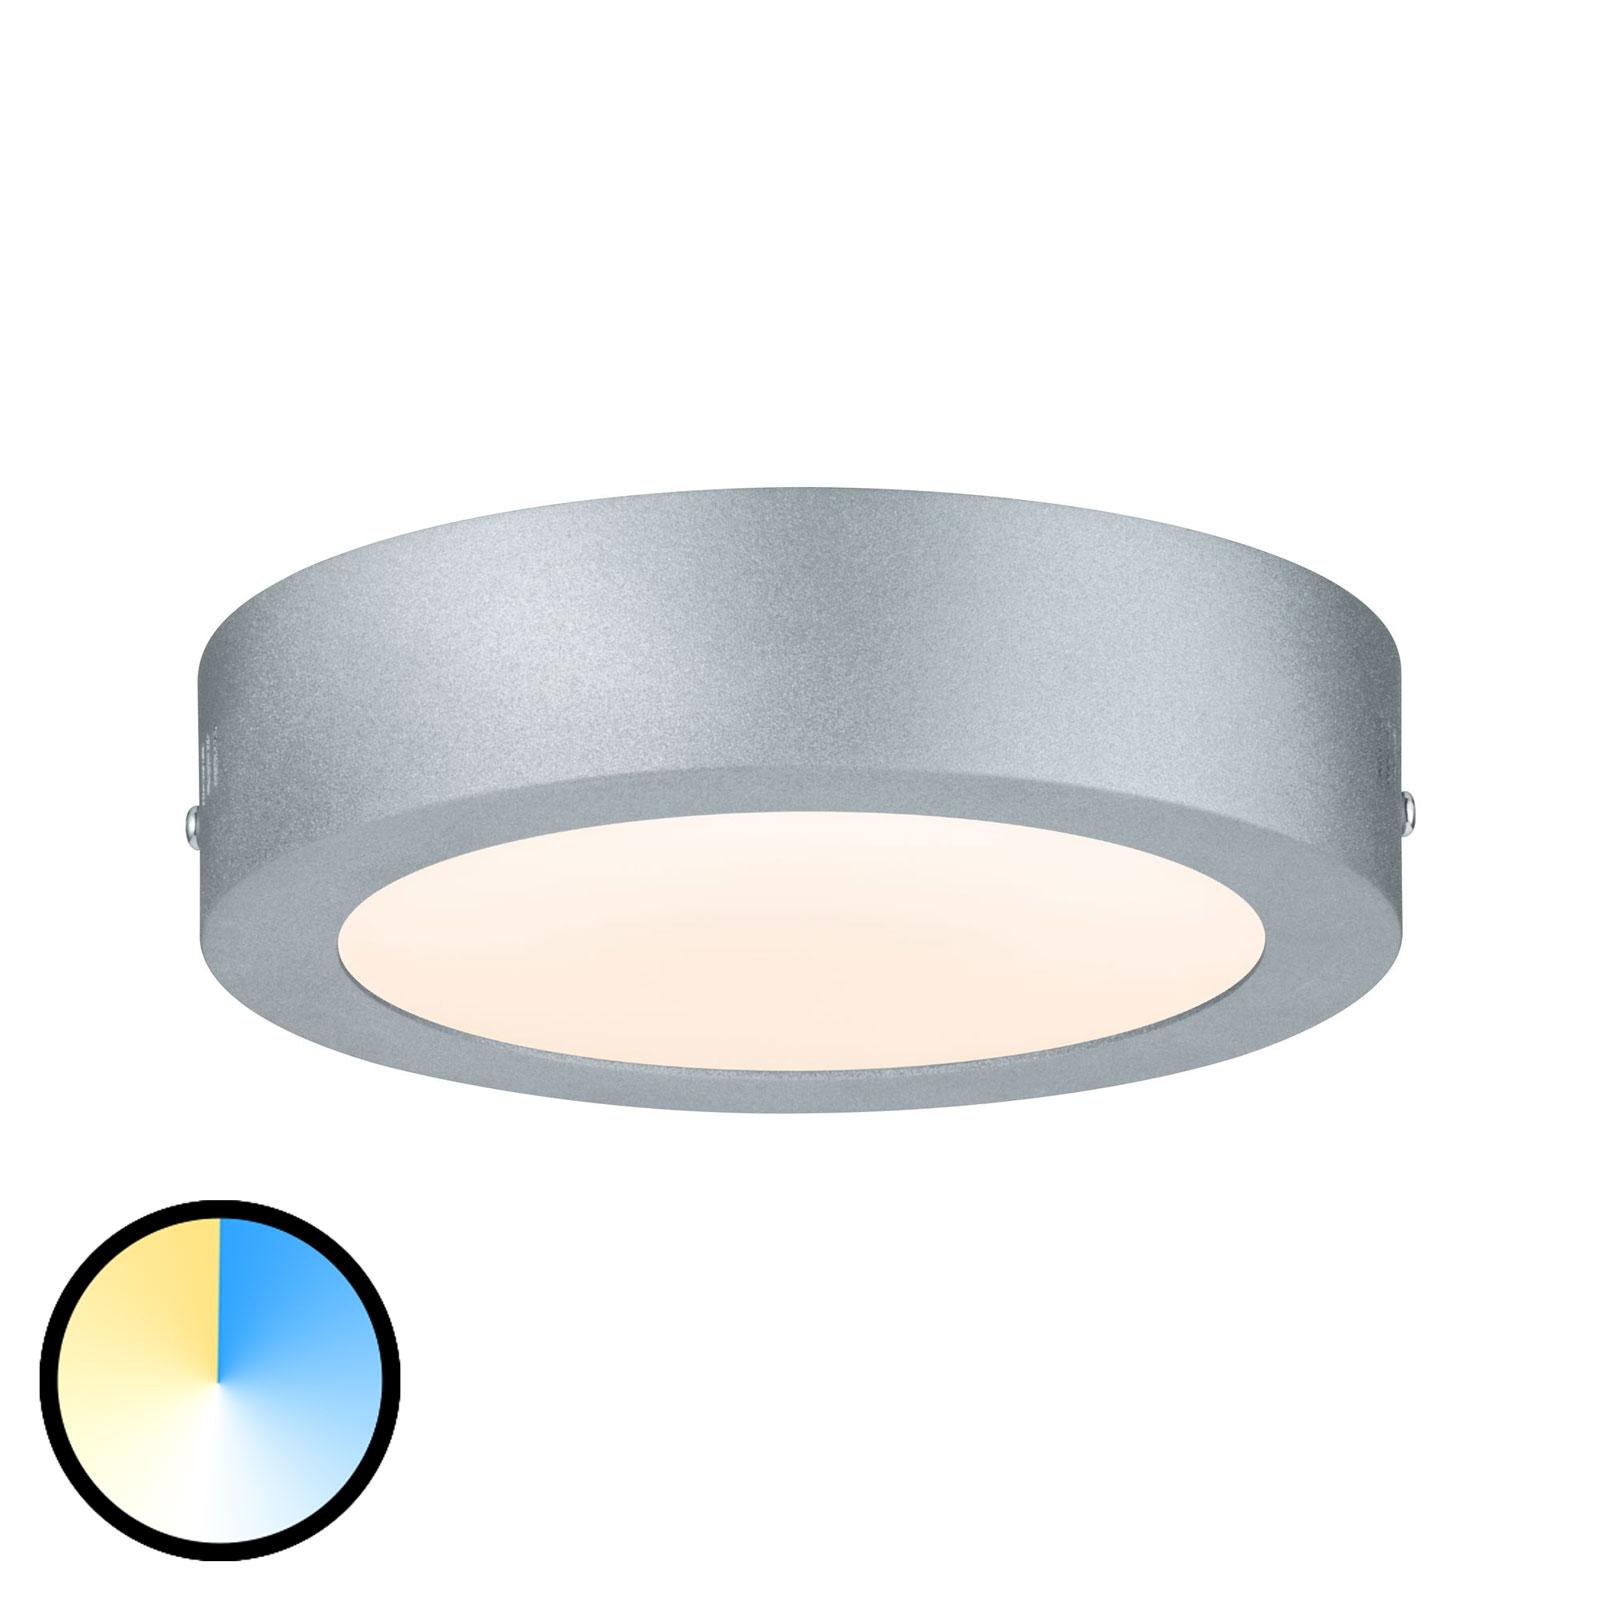 Paulmann Carpo LED-taklampe rund krom 17 cm